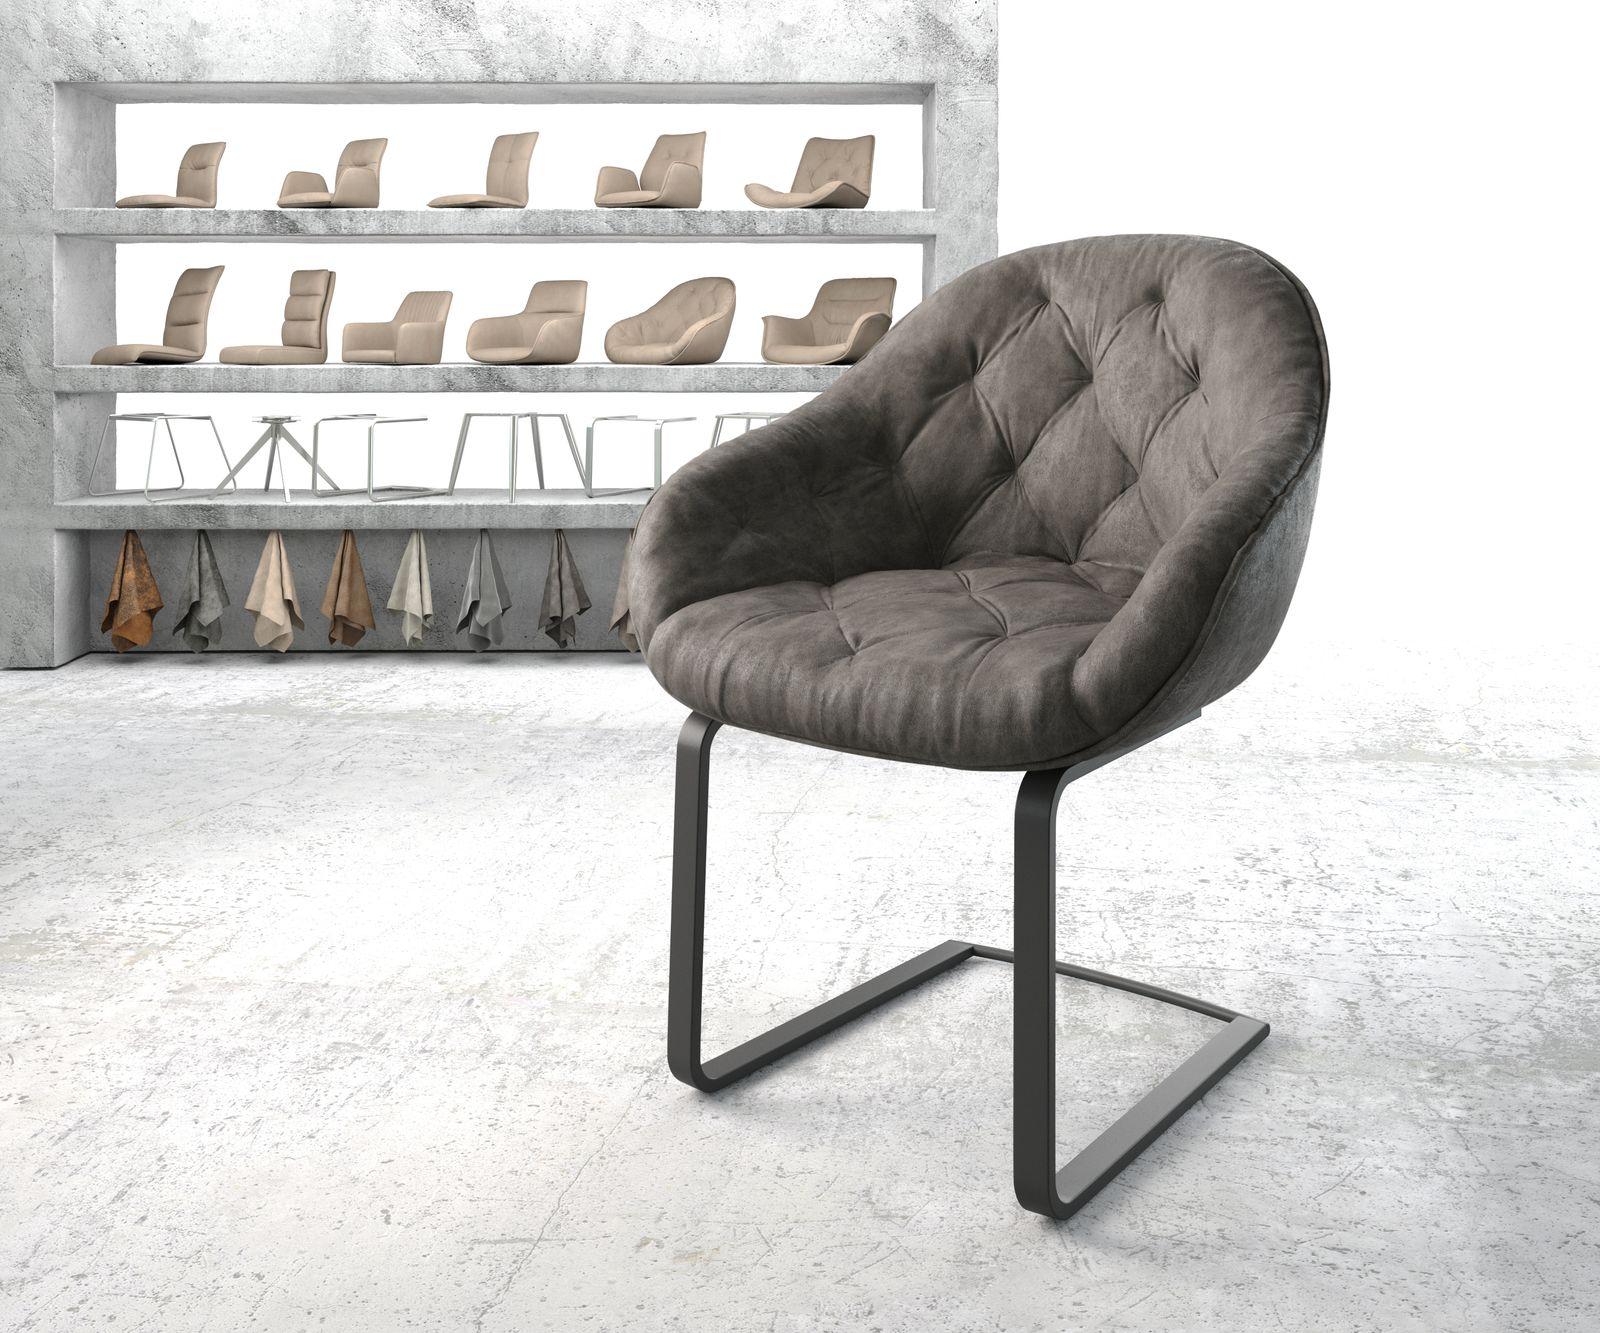 delife-armlehnstuhl-gaio-flex-anthrazit-vintage-freischwinger-flach-schwarz-esszimmerstuhle